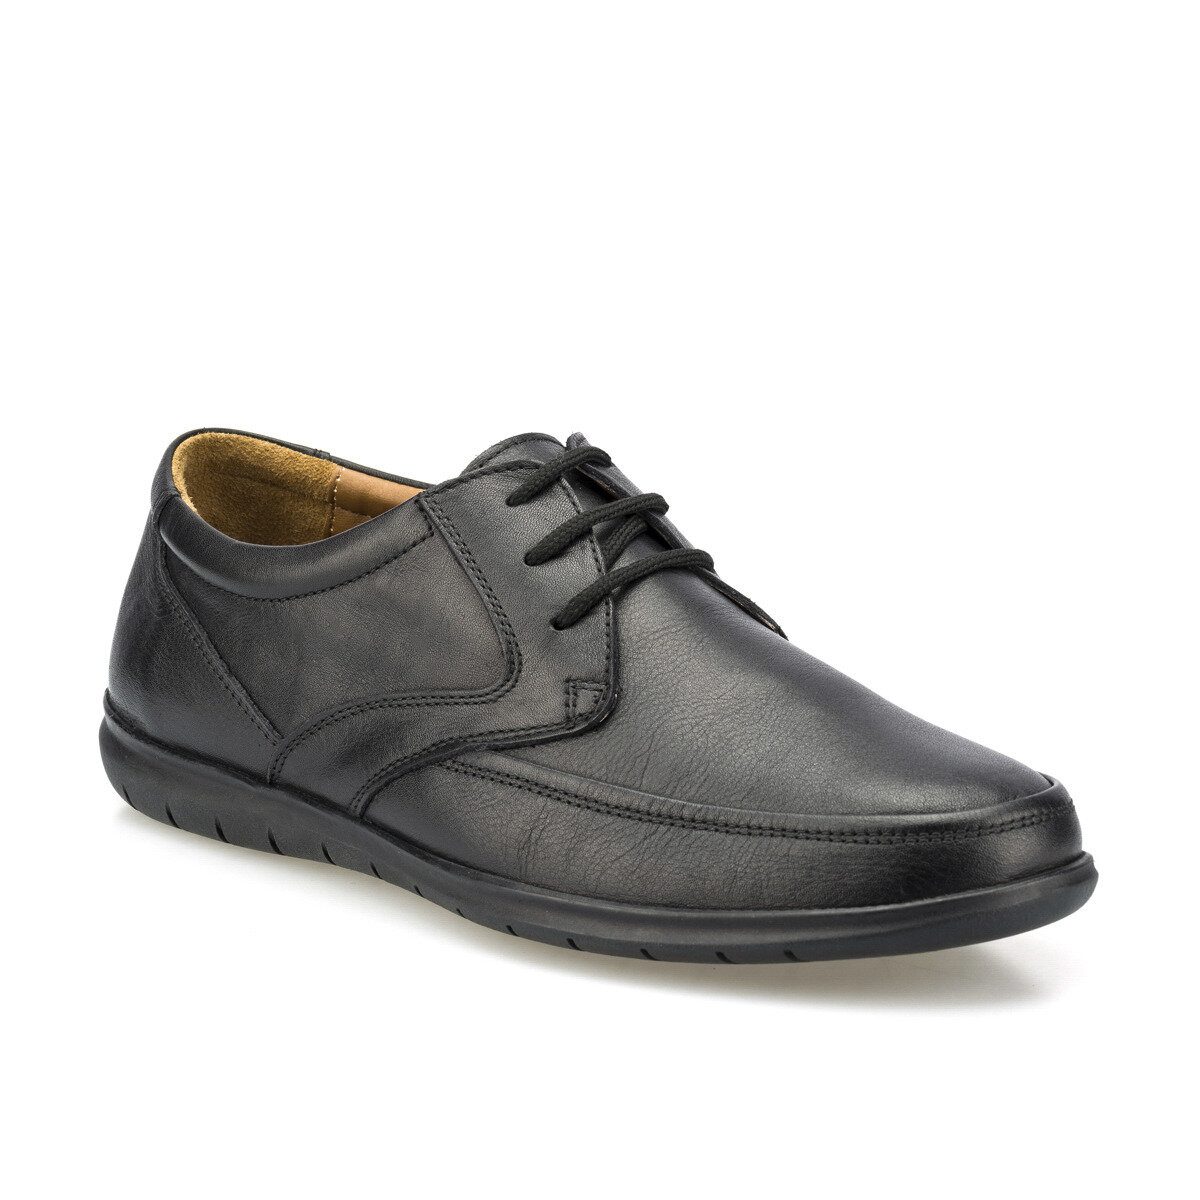 FLO 102061.M Black Men 'S Classic Shoes Polaris 5 Point